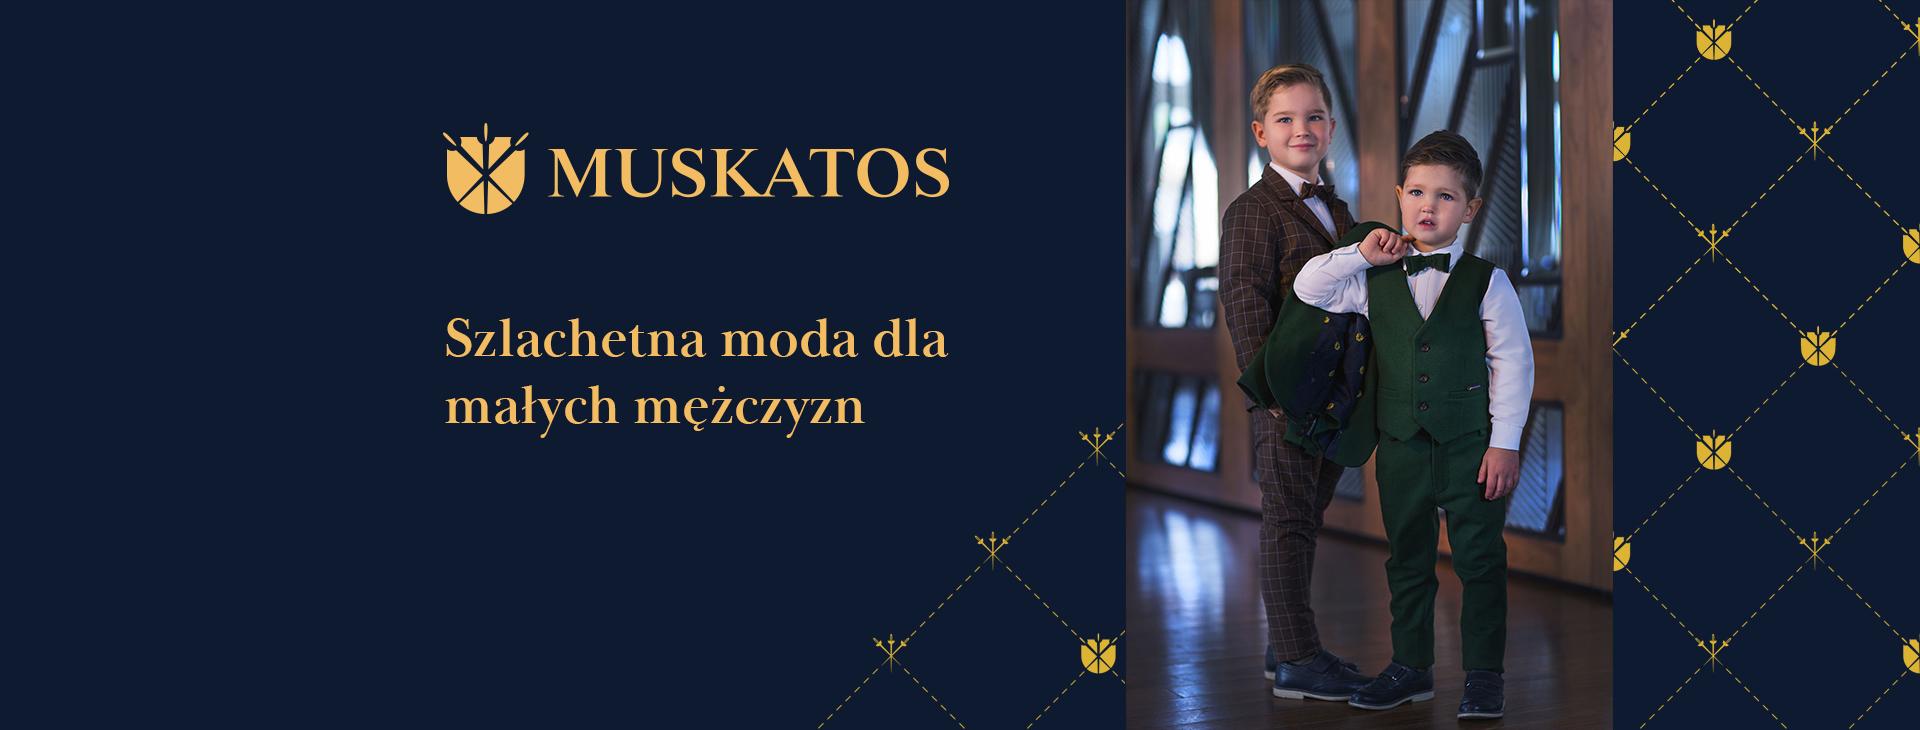 cover photo facebook Muskatos